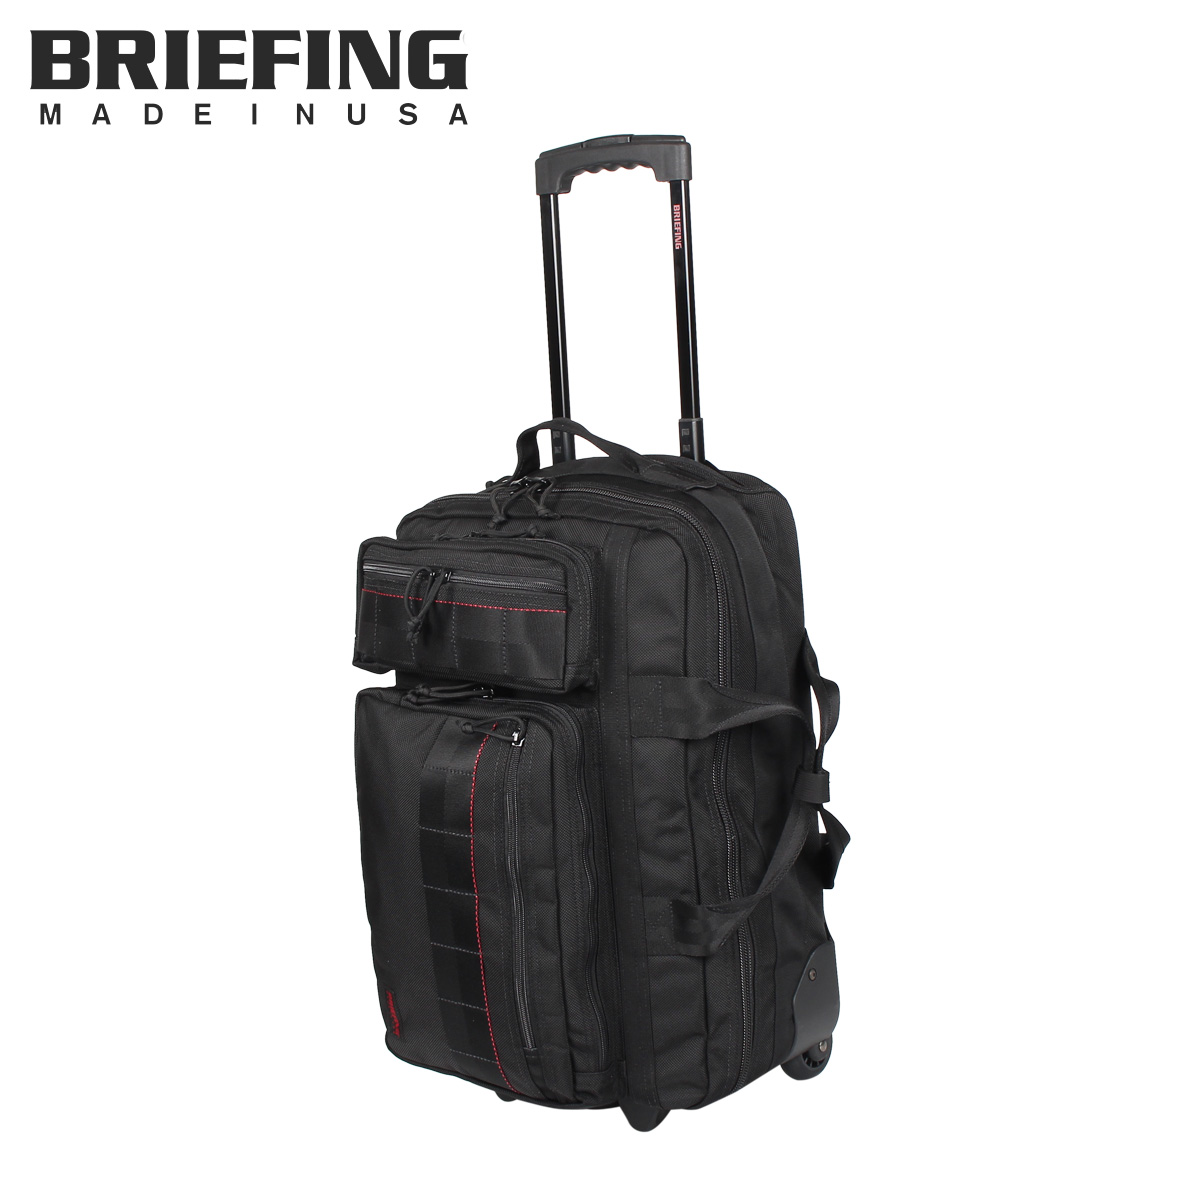 【最大600円OFFクーポン】BRIEFING ブリーフィング バッグ スーツケース キャリーバッグ メンズ T-3 ブラック 黒 181501